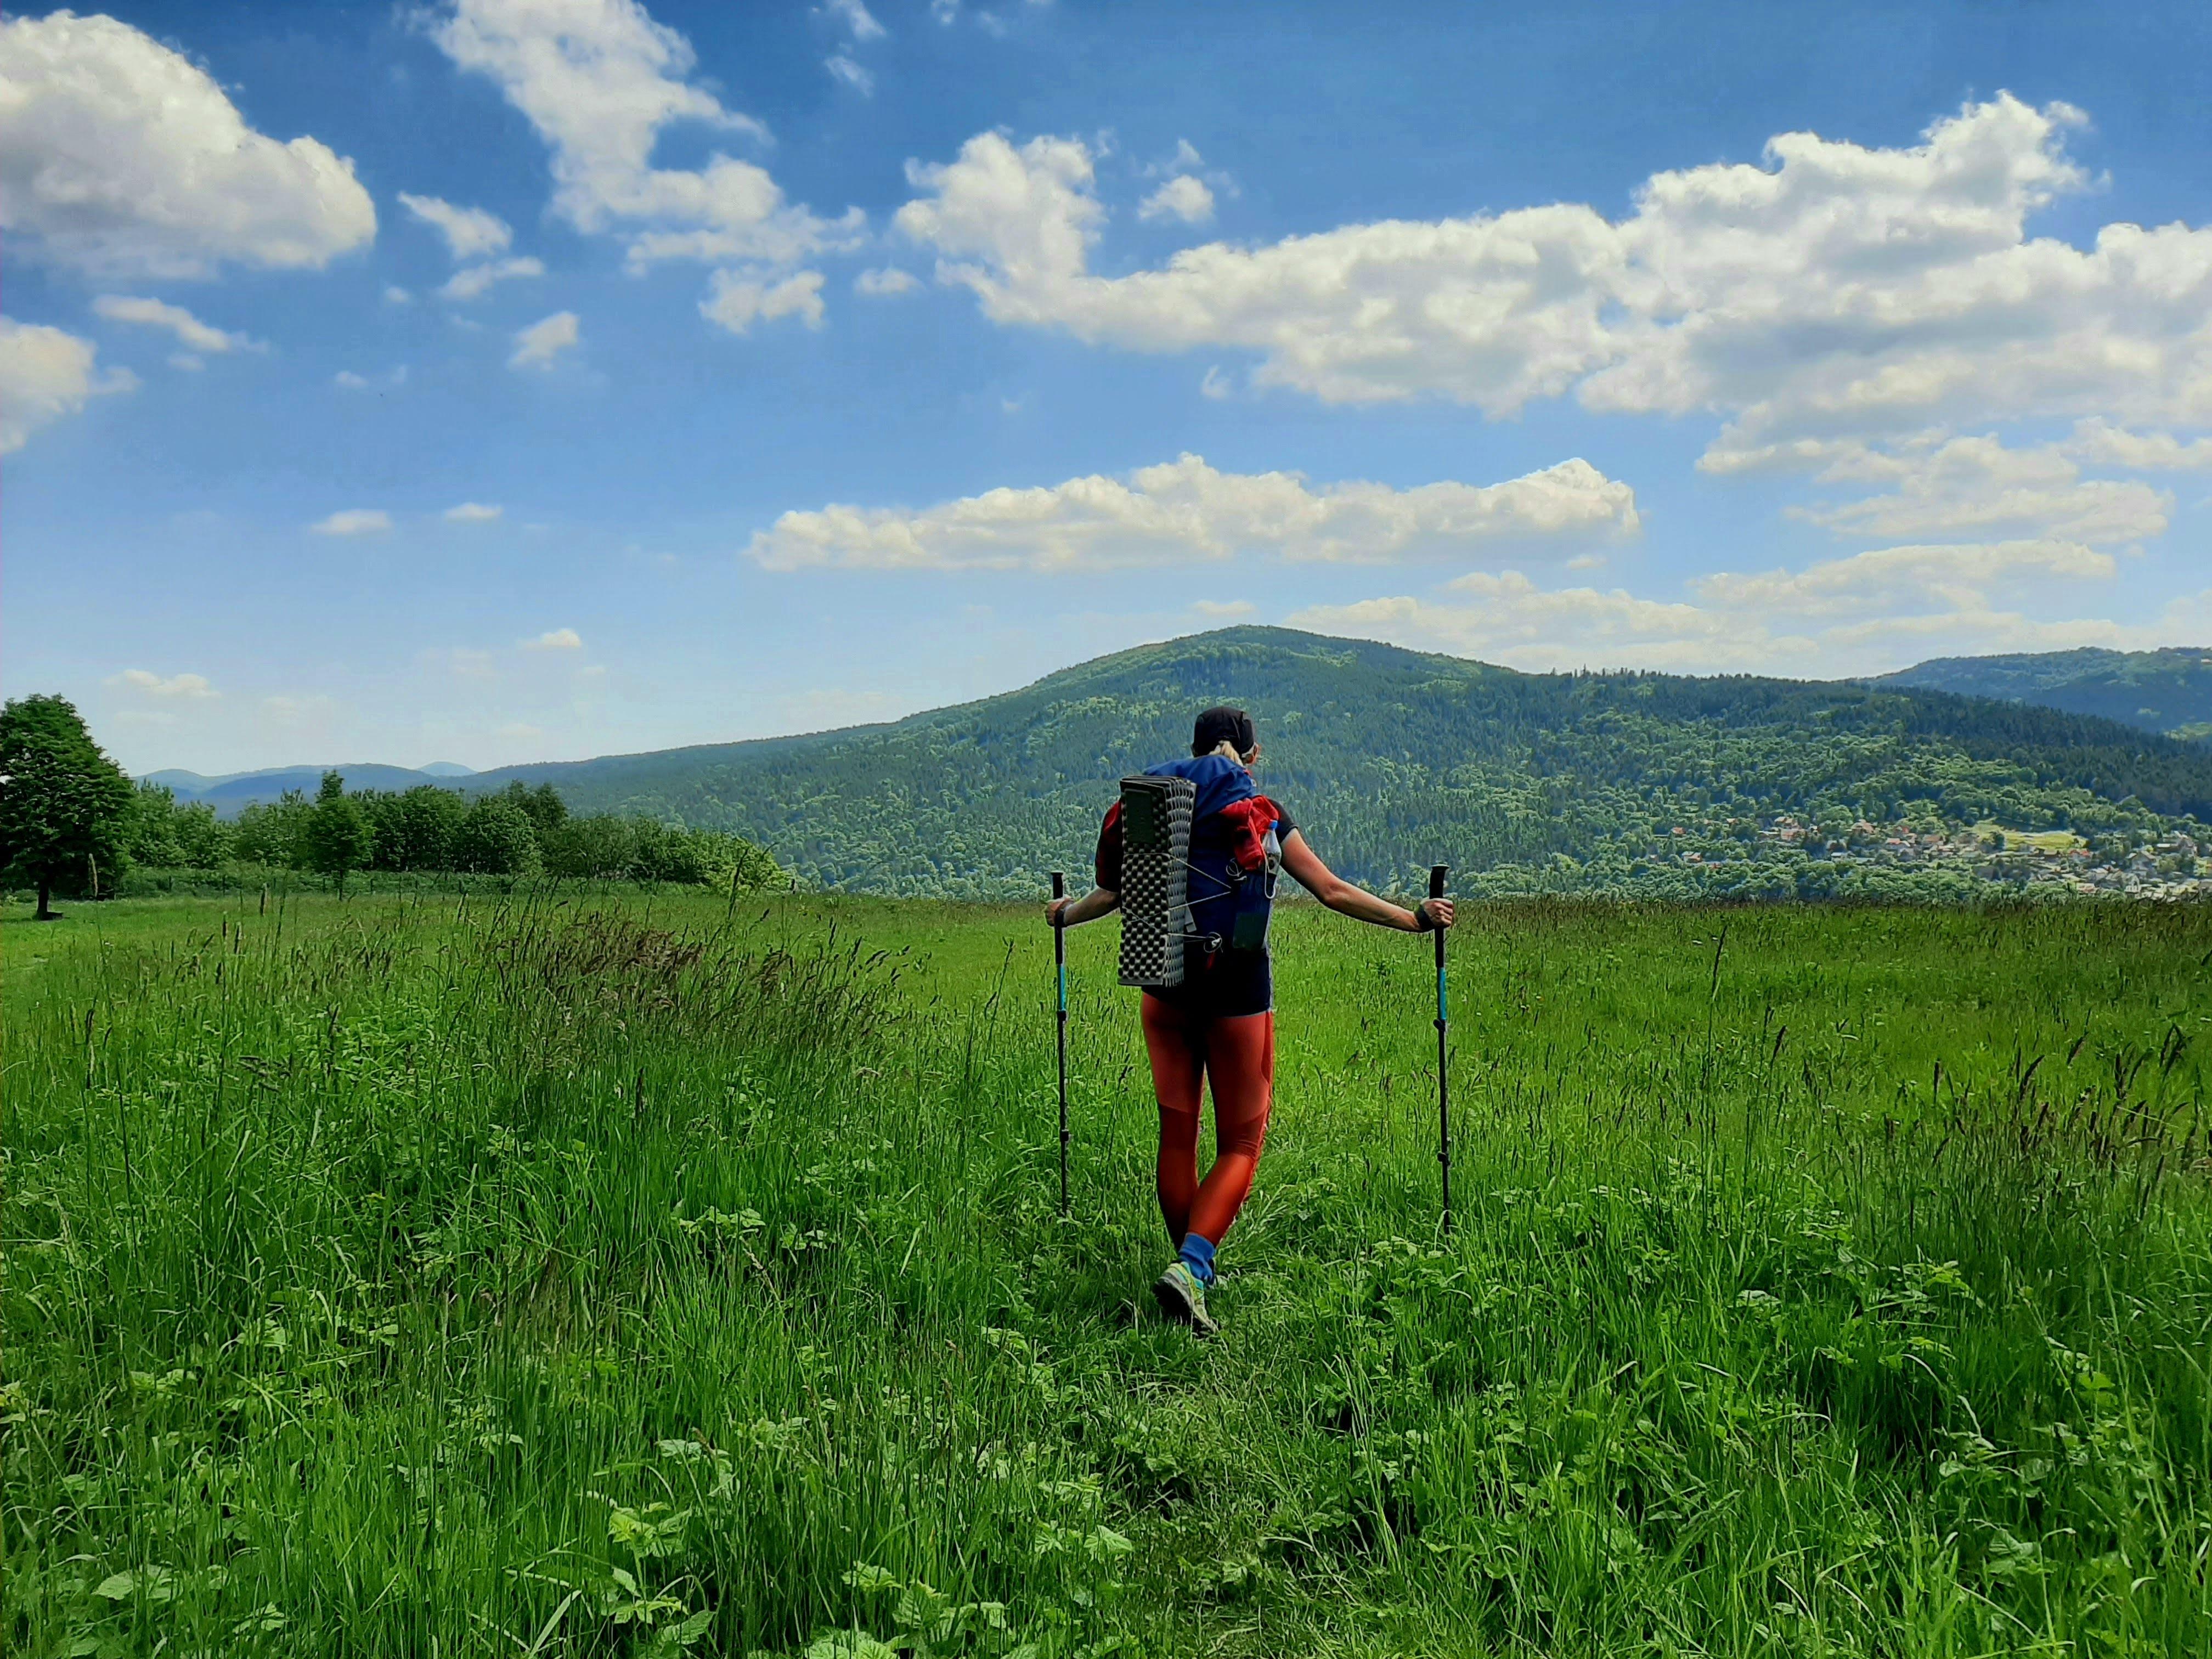 Mały Szlak Beskidzki - relacja, trasa, mapa, wskazówki, co zabrać, jak się przygotować.